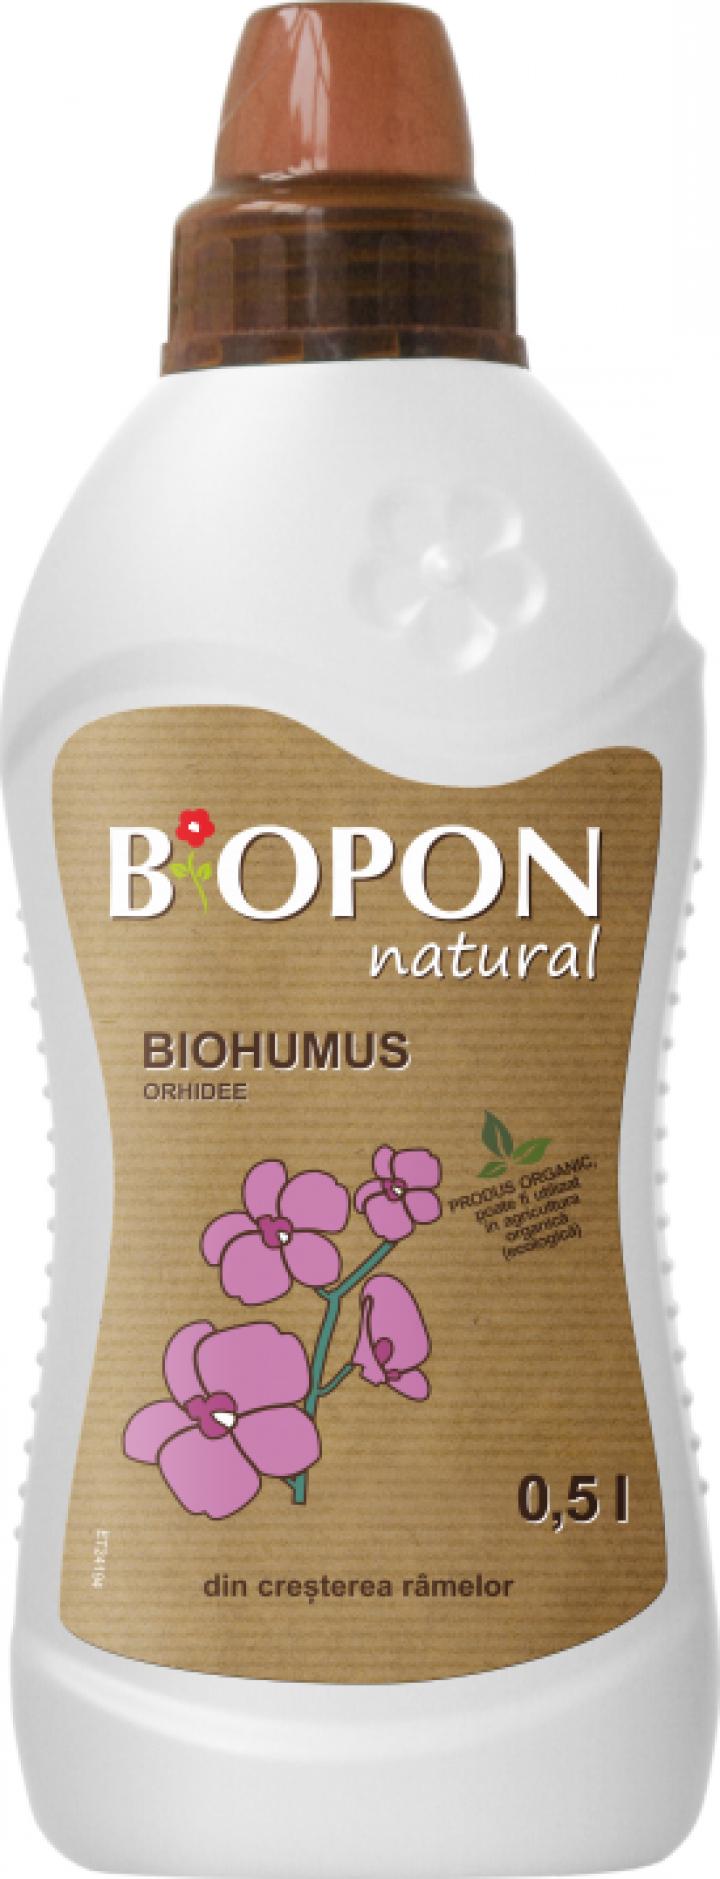 Ingrasamant natural Biohumus Orhidee 0.5 litri